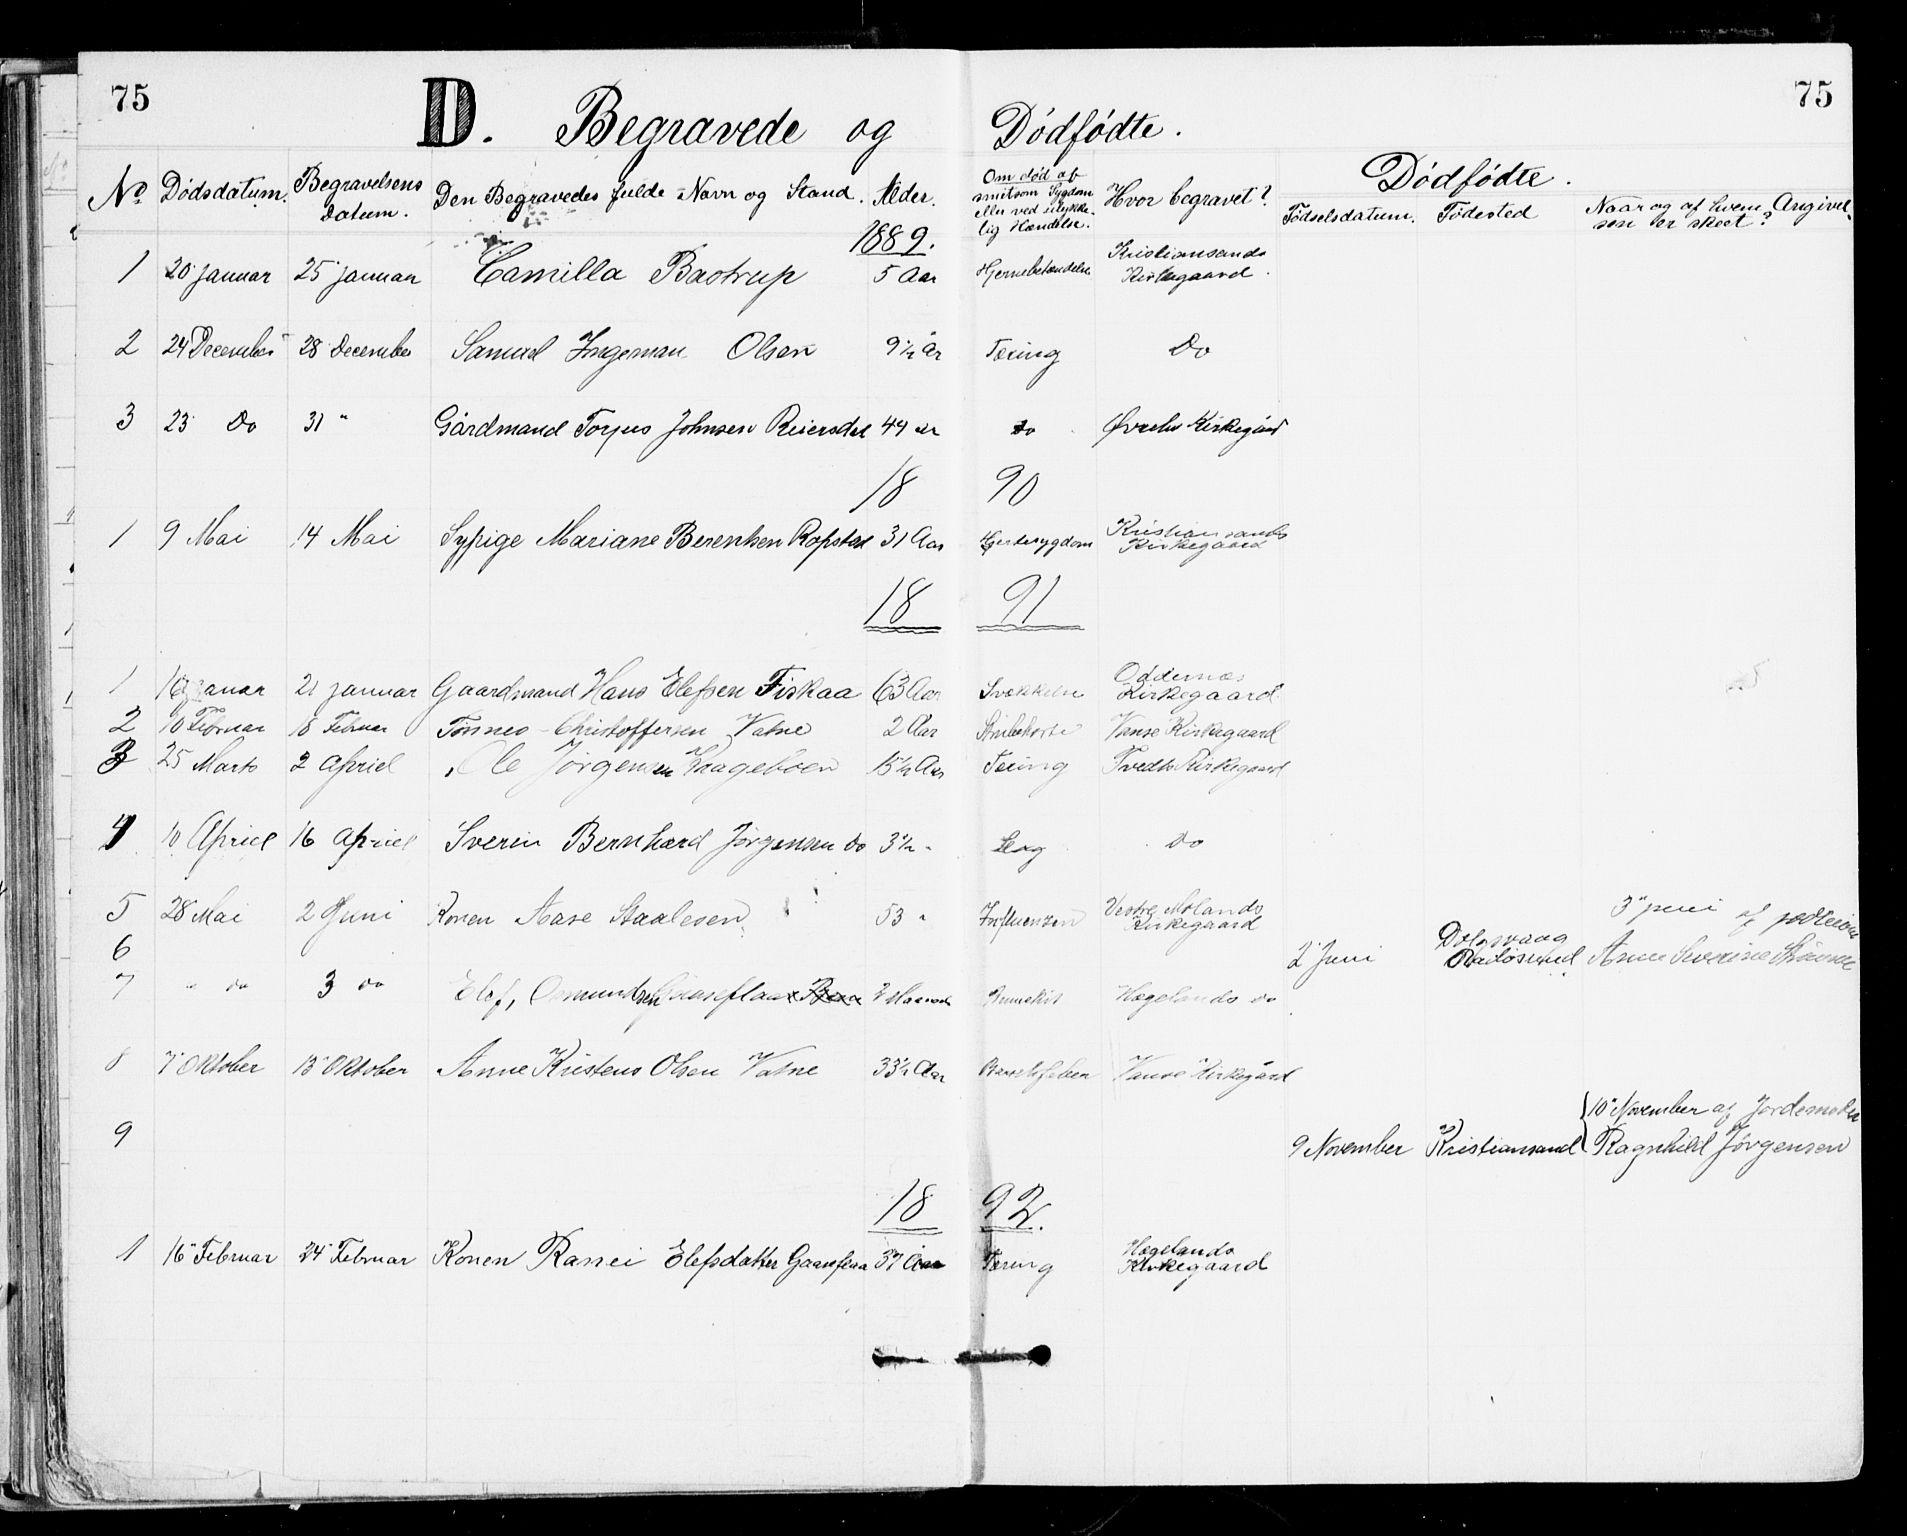 SAK, Den evangelisk-lutherske frikirke, Kristiansand, F/Fa/L0002: Dissenter register no. F 10, 1889-1892, p. 75